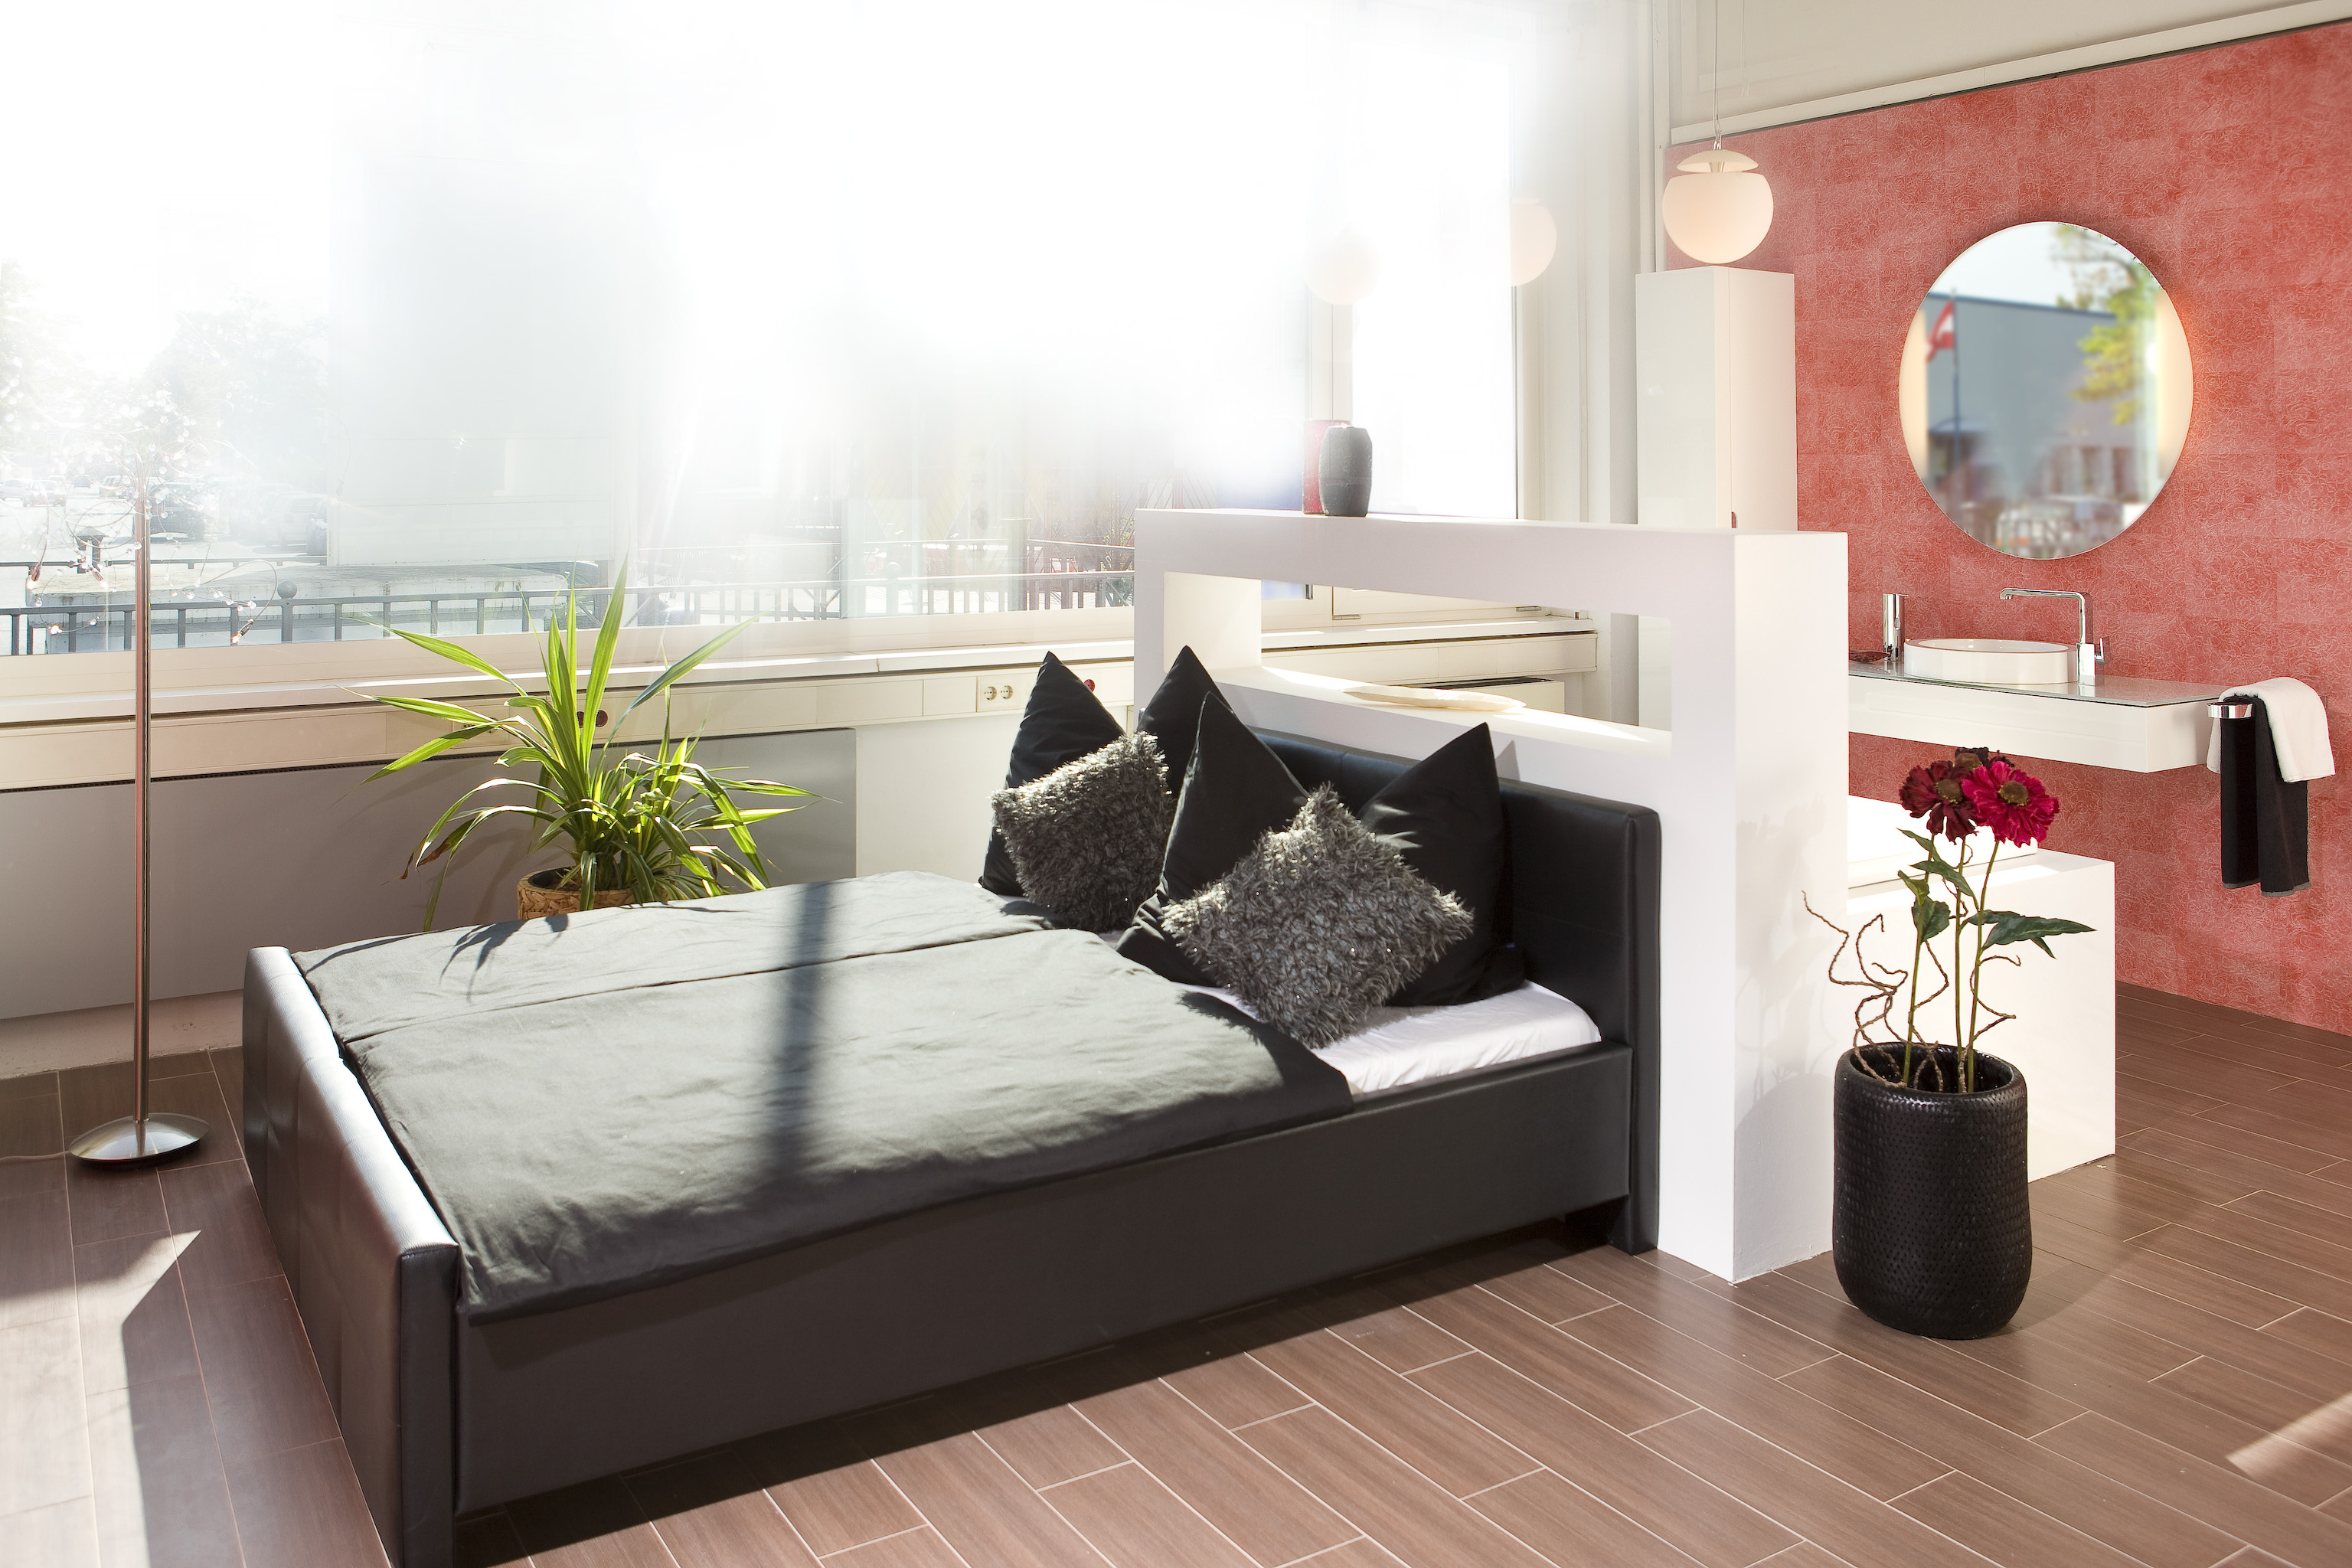 Ideen Zur Kombination Schlafzimmer Und Badezimmer Planungscoach